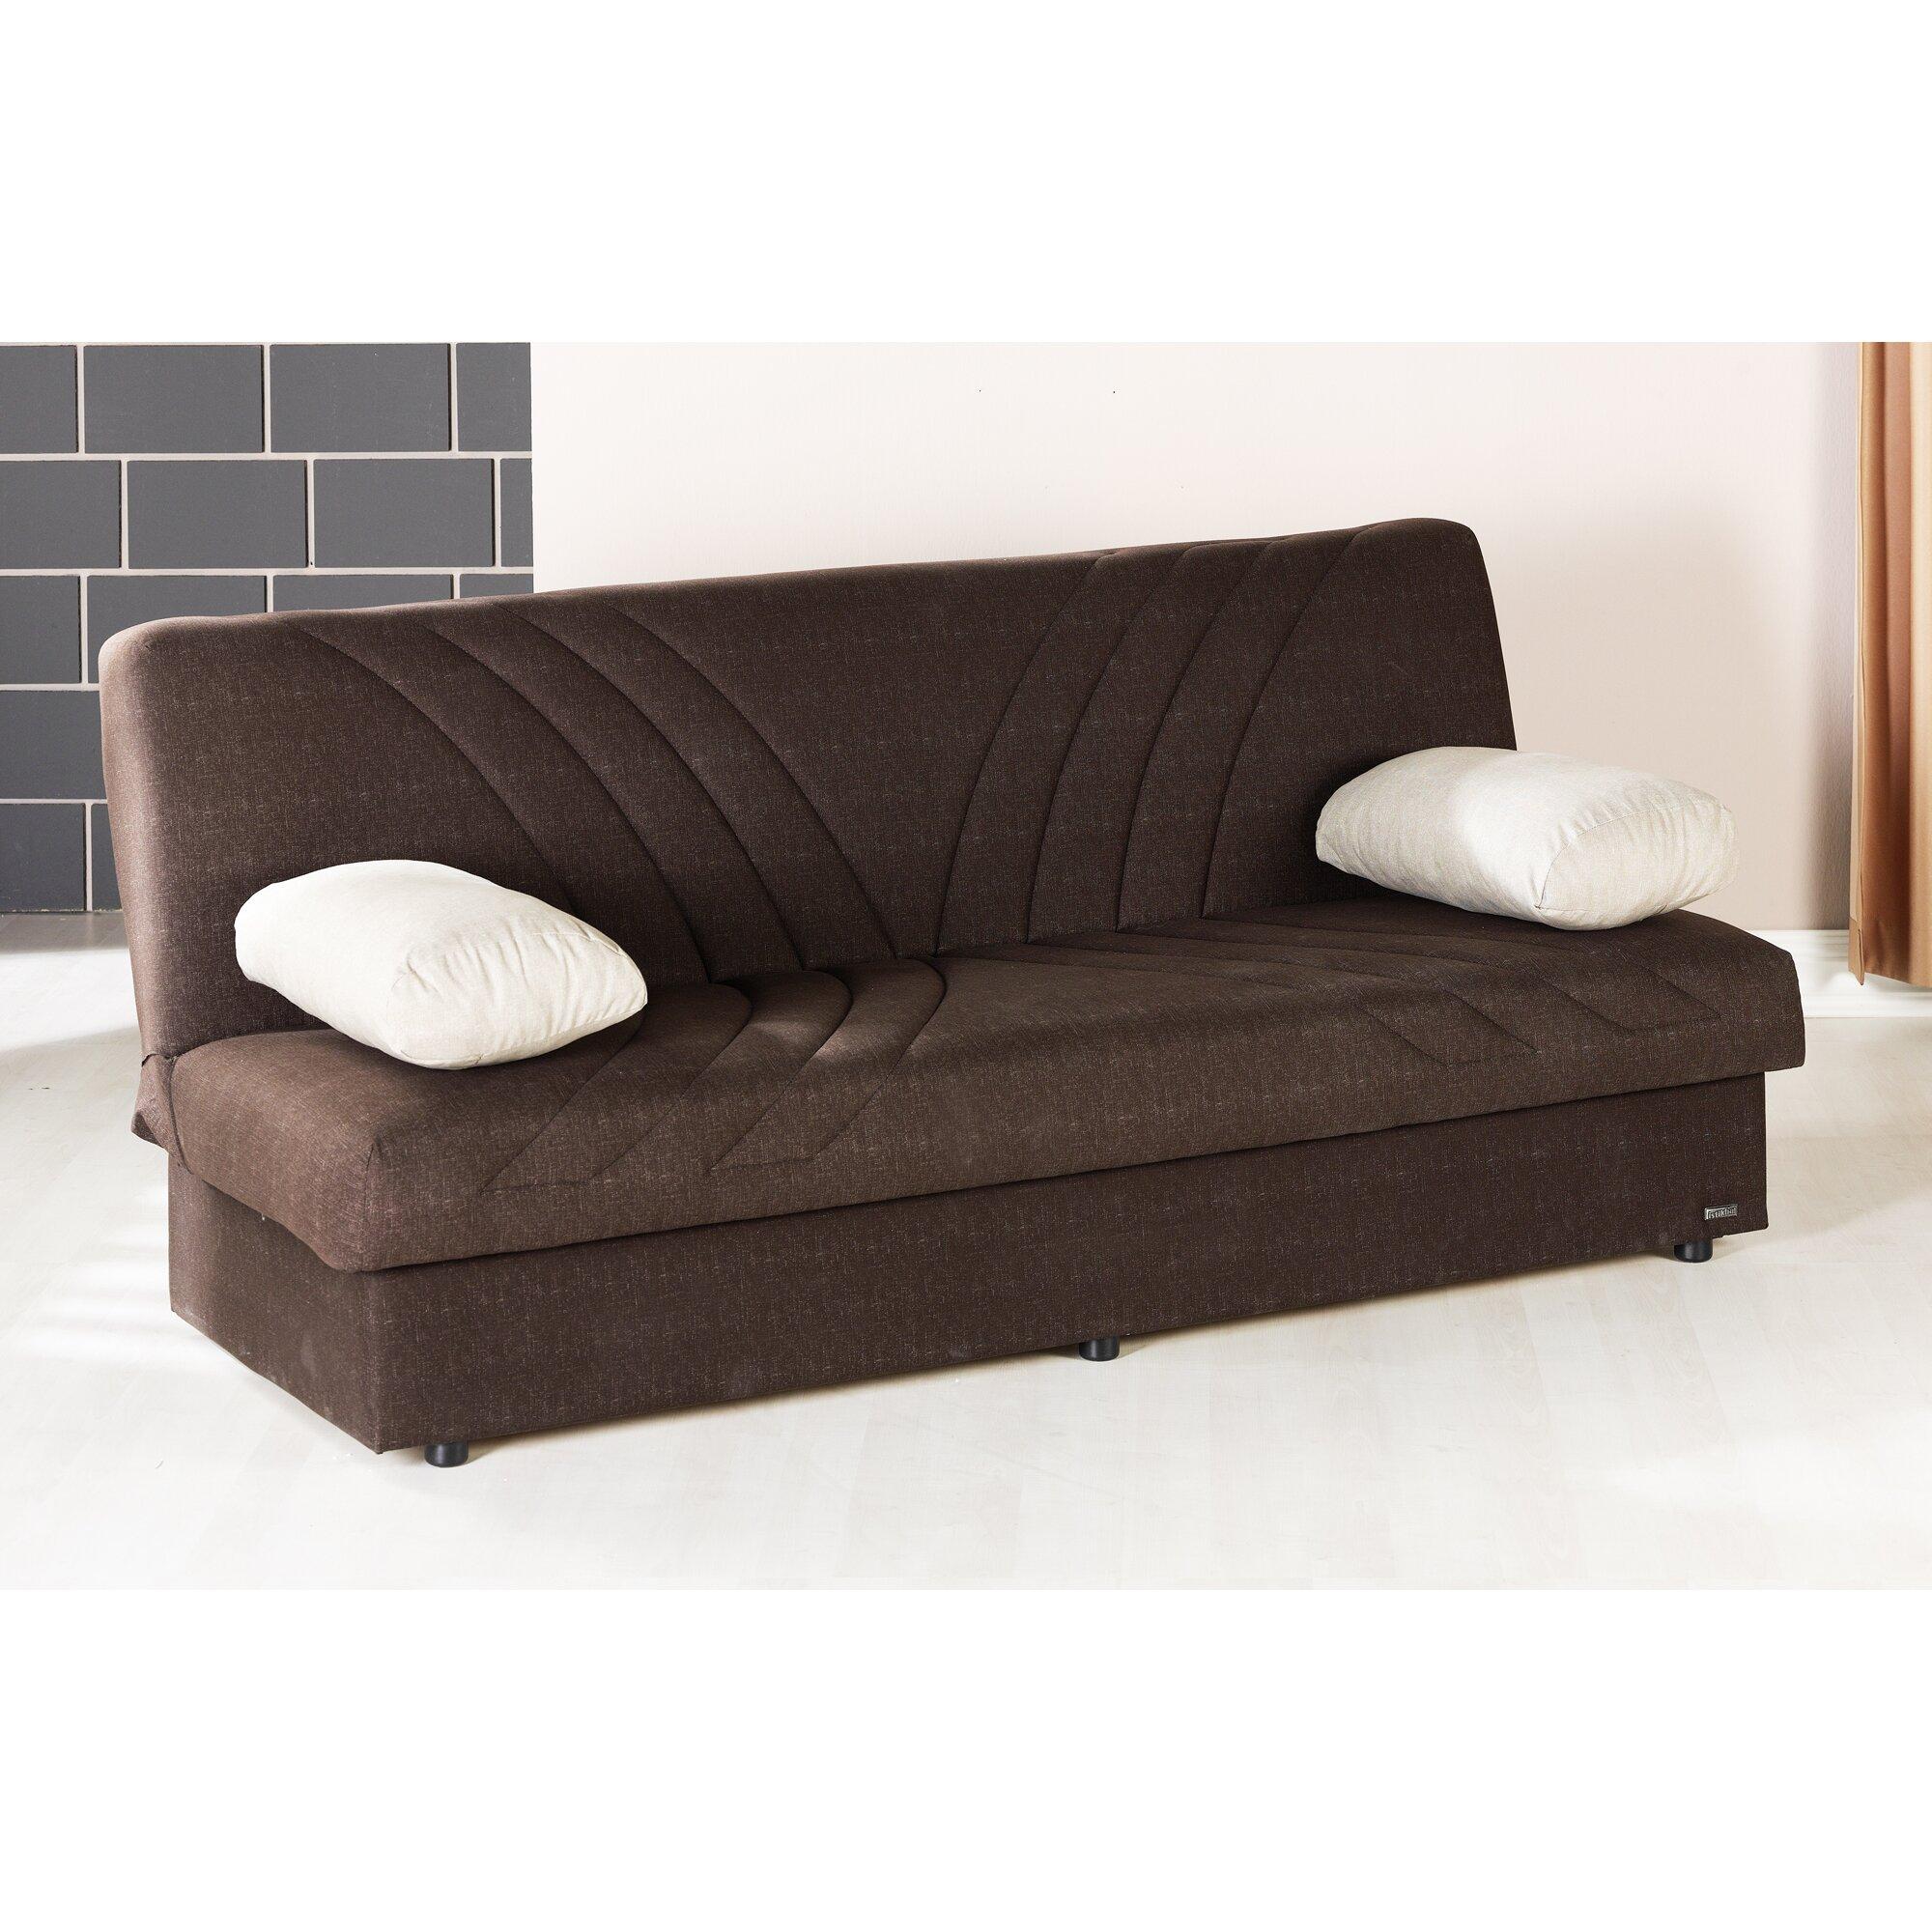 justice three seat sleeper sofa wayfair